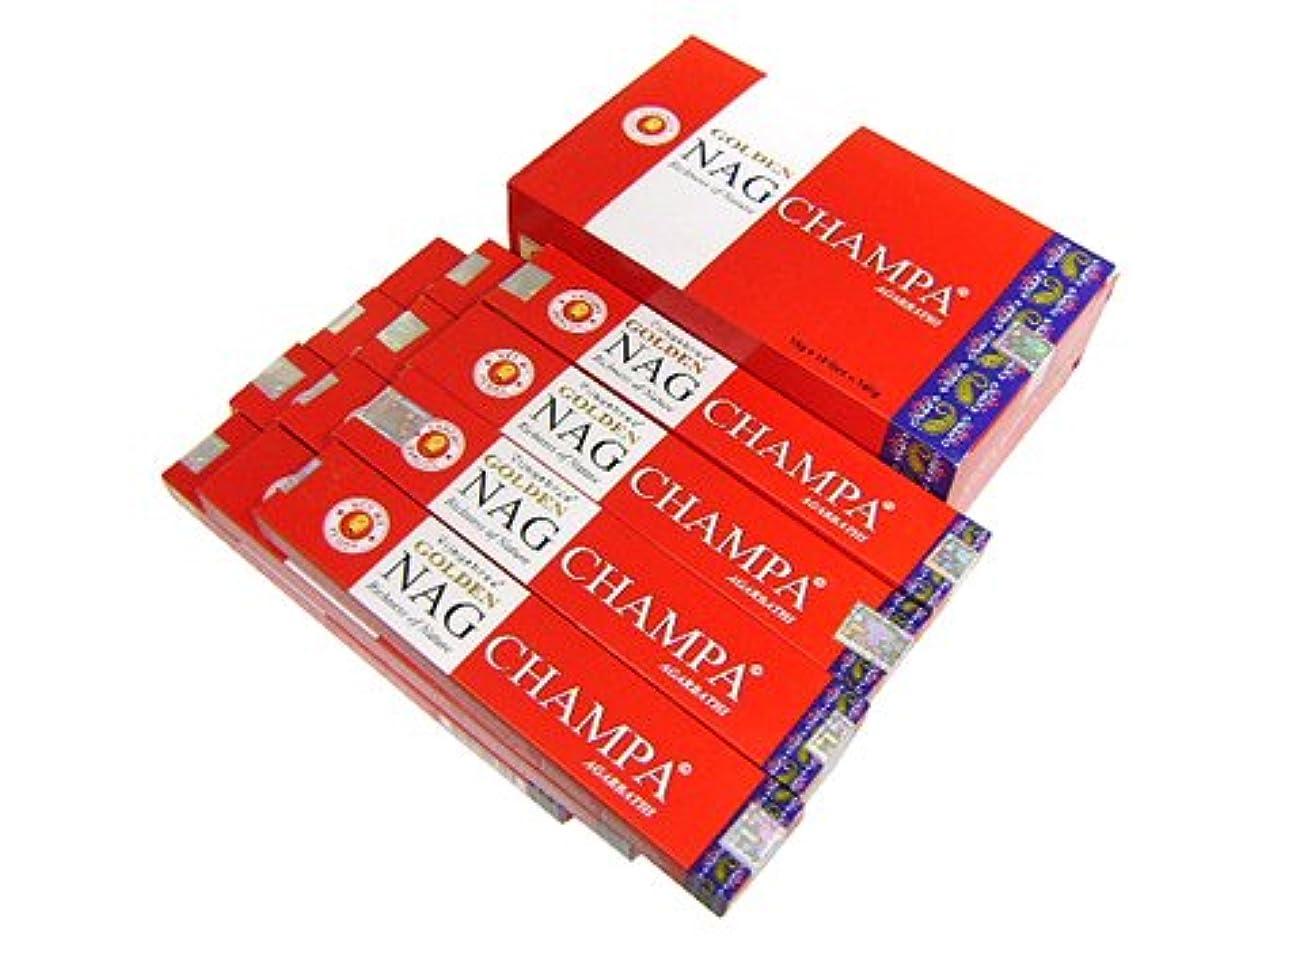 スピーカー充電プロテスタントVIJAYSHRE(ヴィジェイシリー ゴールデン) NAG CHAMPA ゴールデン ナグチャンパ香 スティック 12箱セット